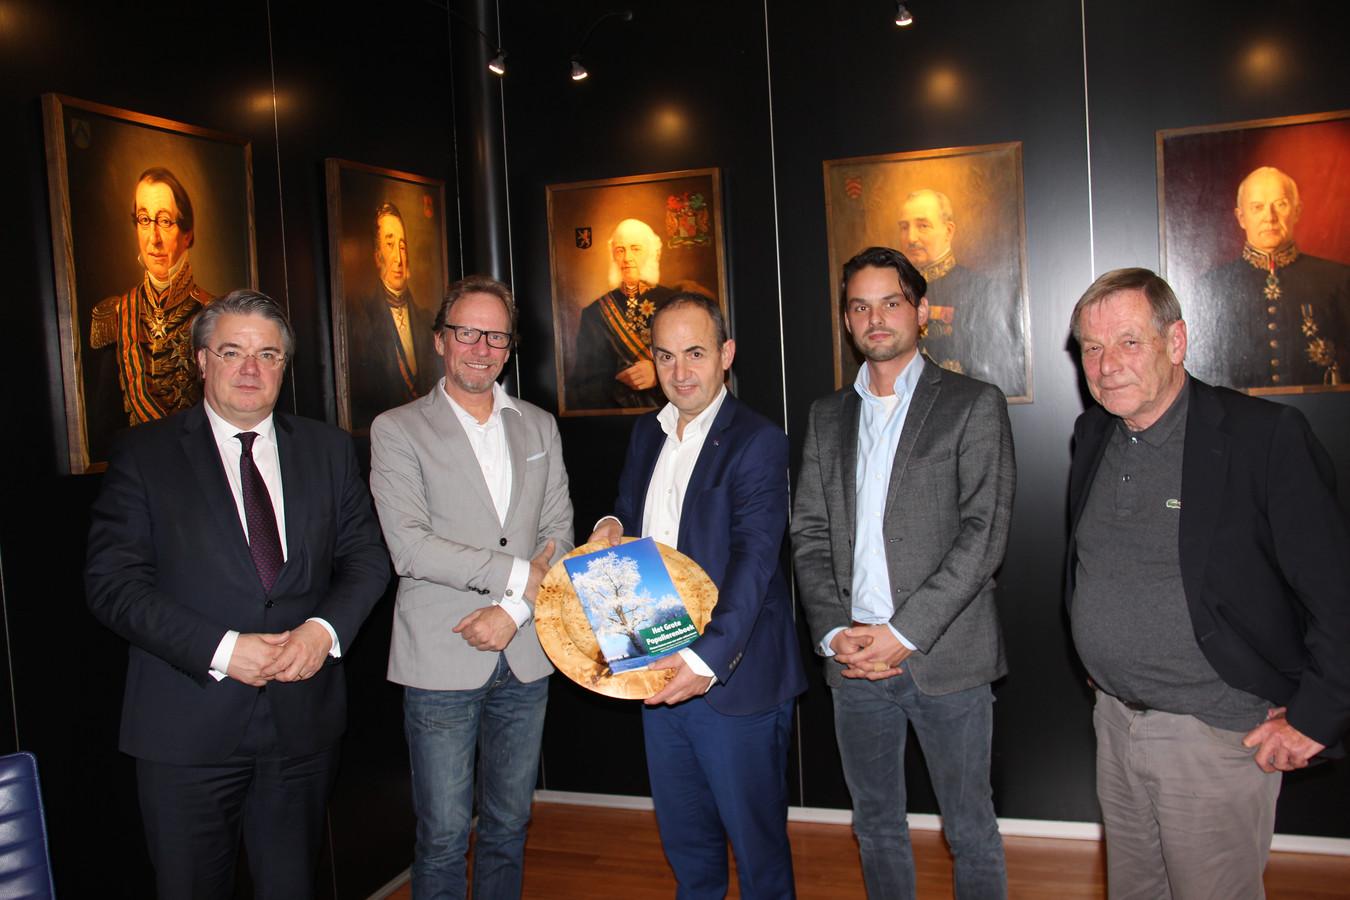 Het Grote Populierenboek werd maandag overhandigd aan Commissaris van de Koning Wim van de Donk.